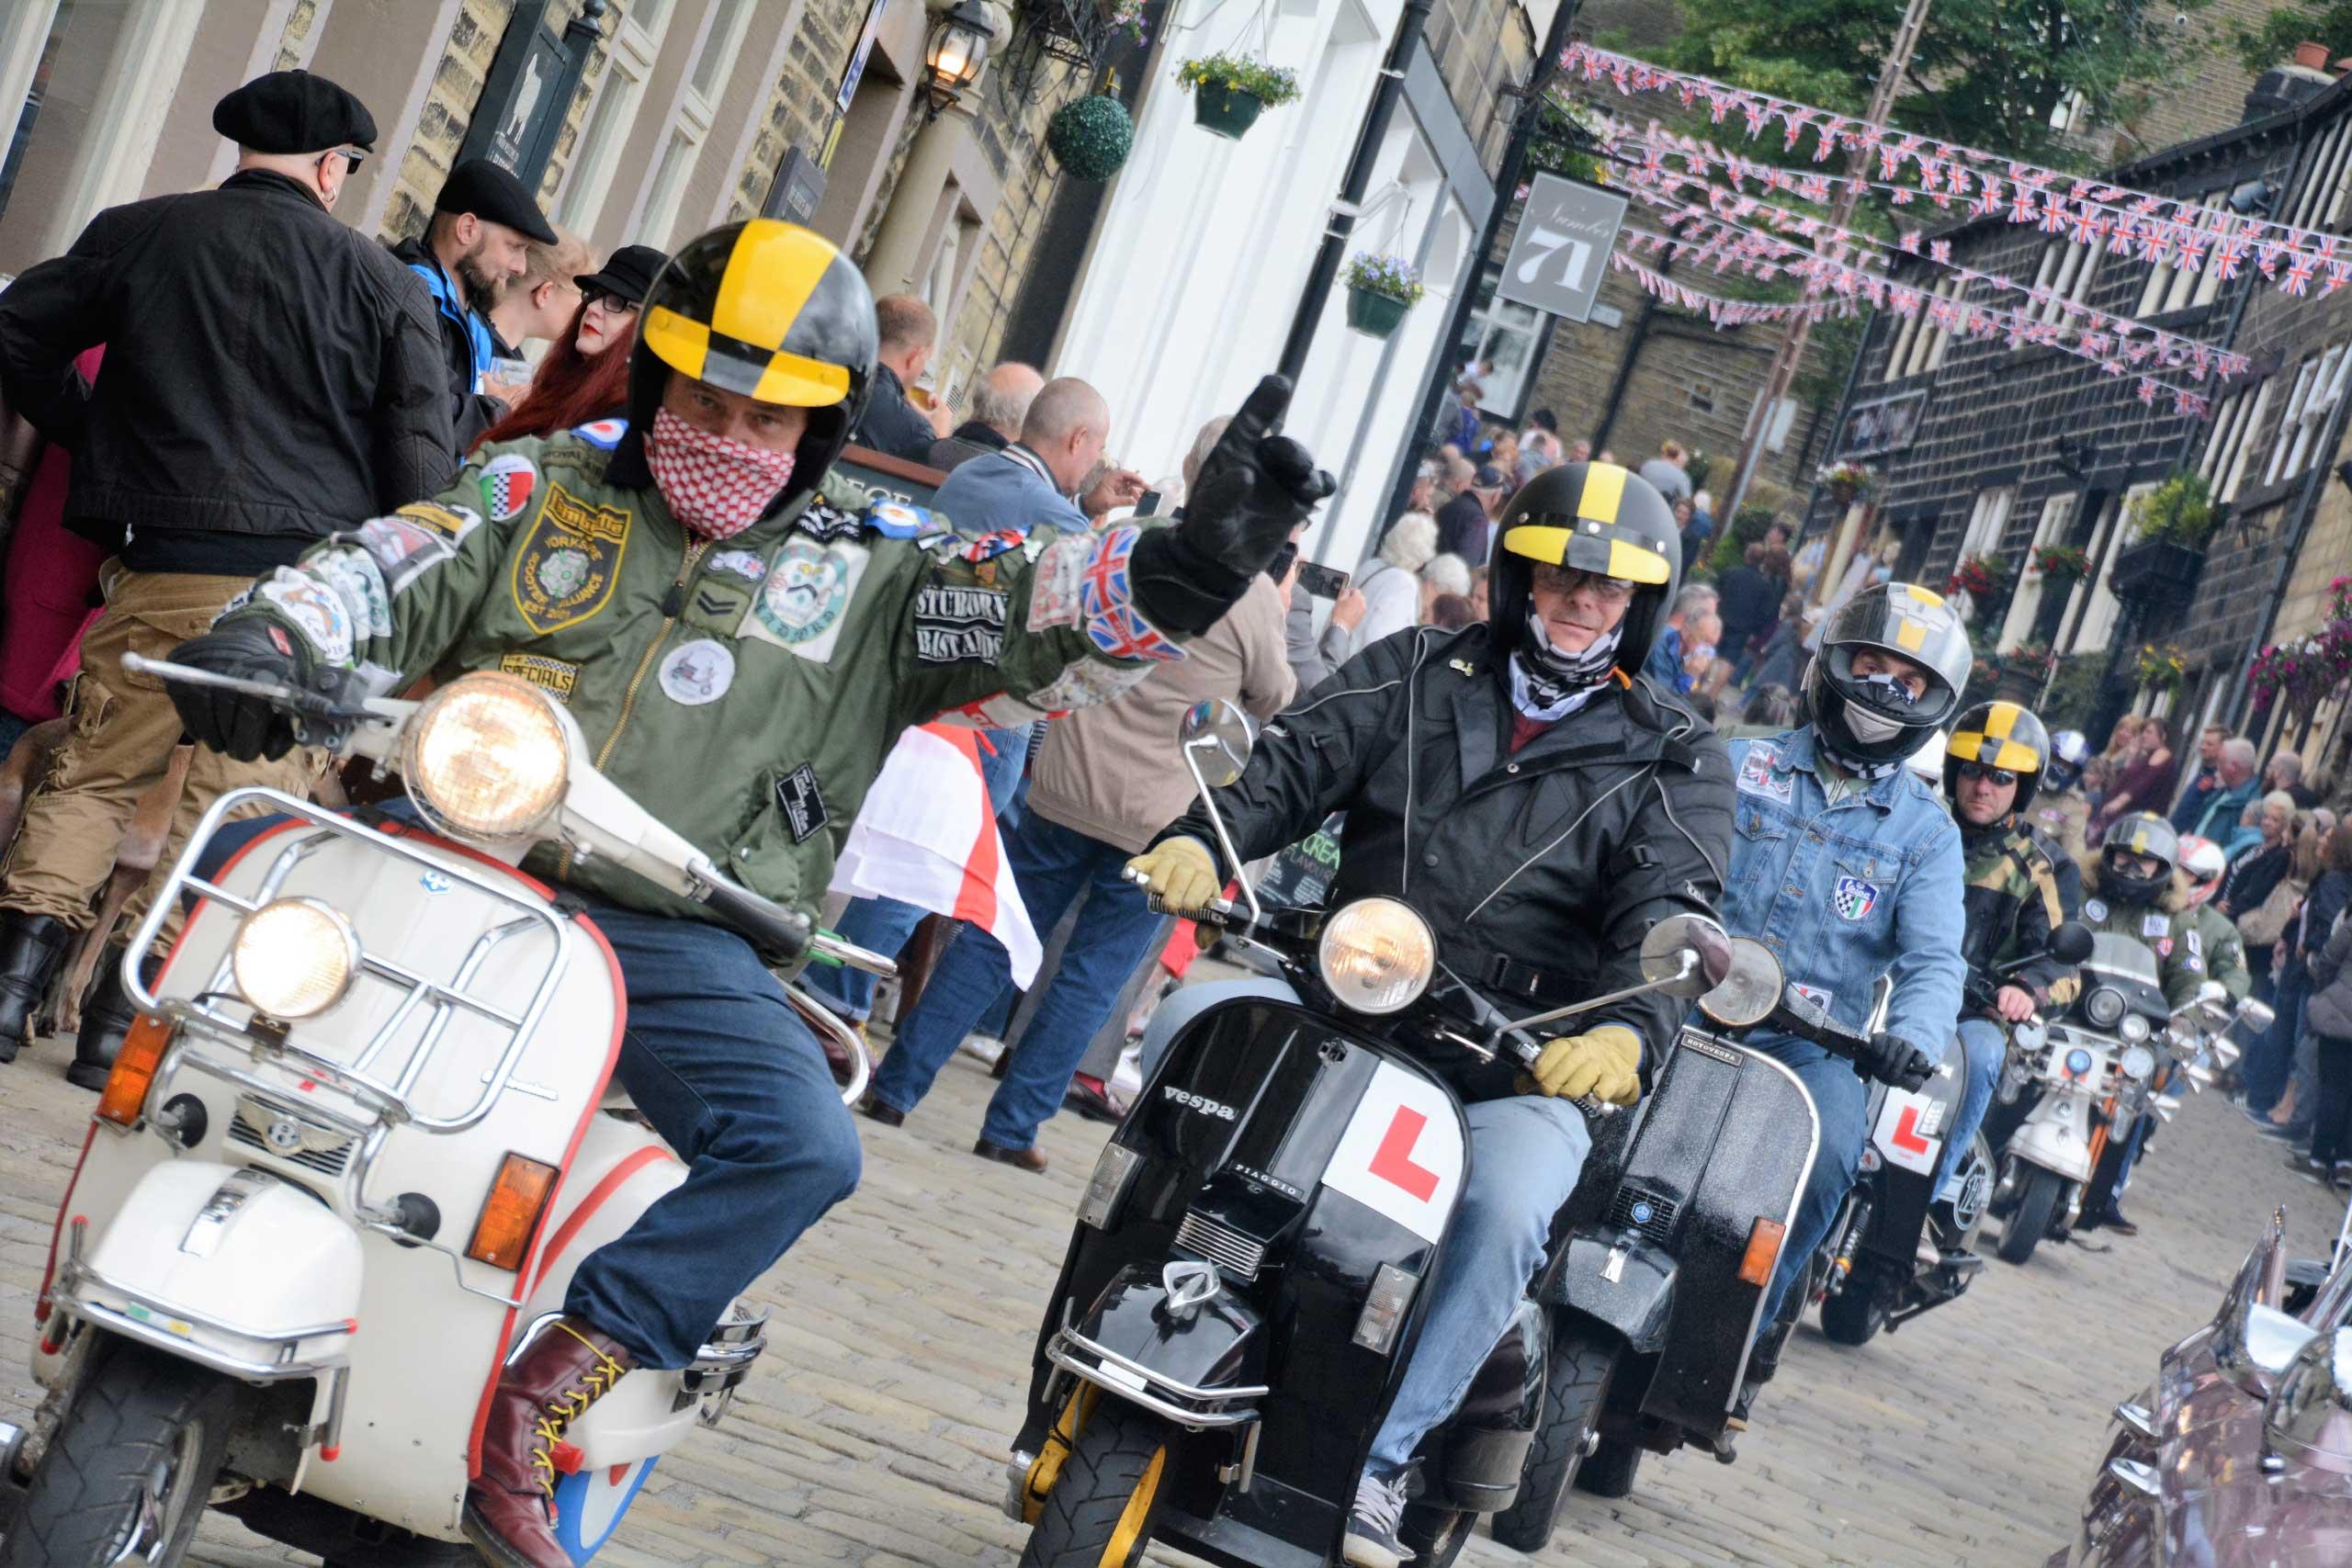 Haworth 1960s Festival by Stephen Hogg from Haworth